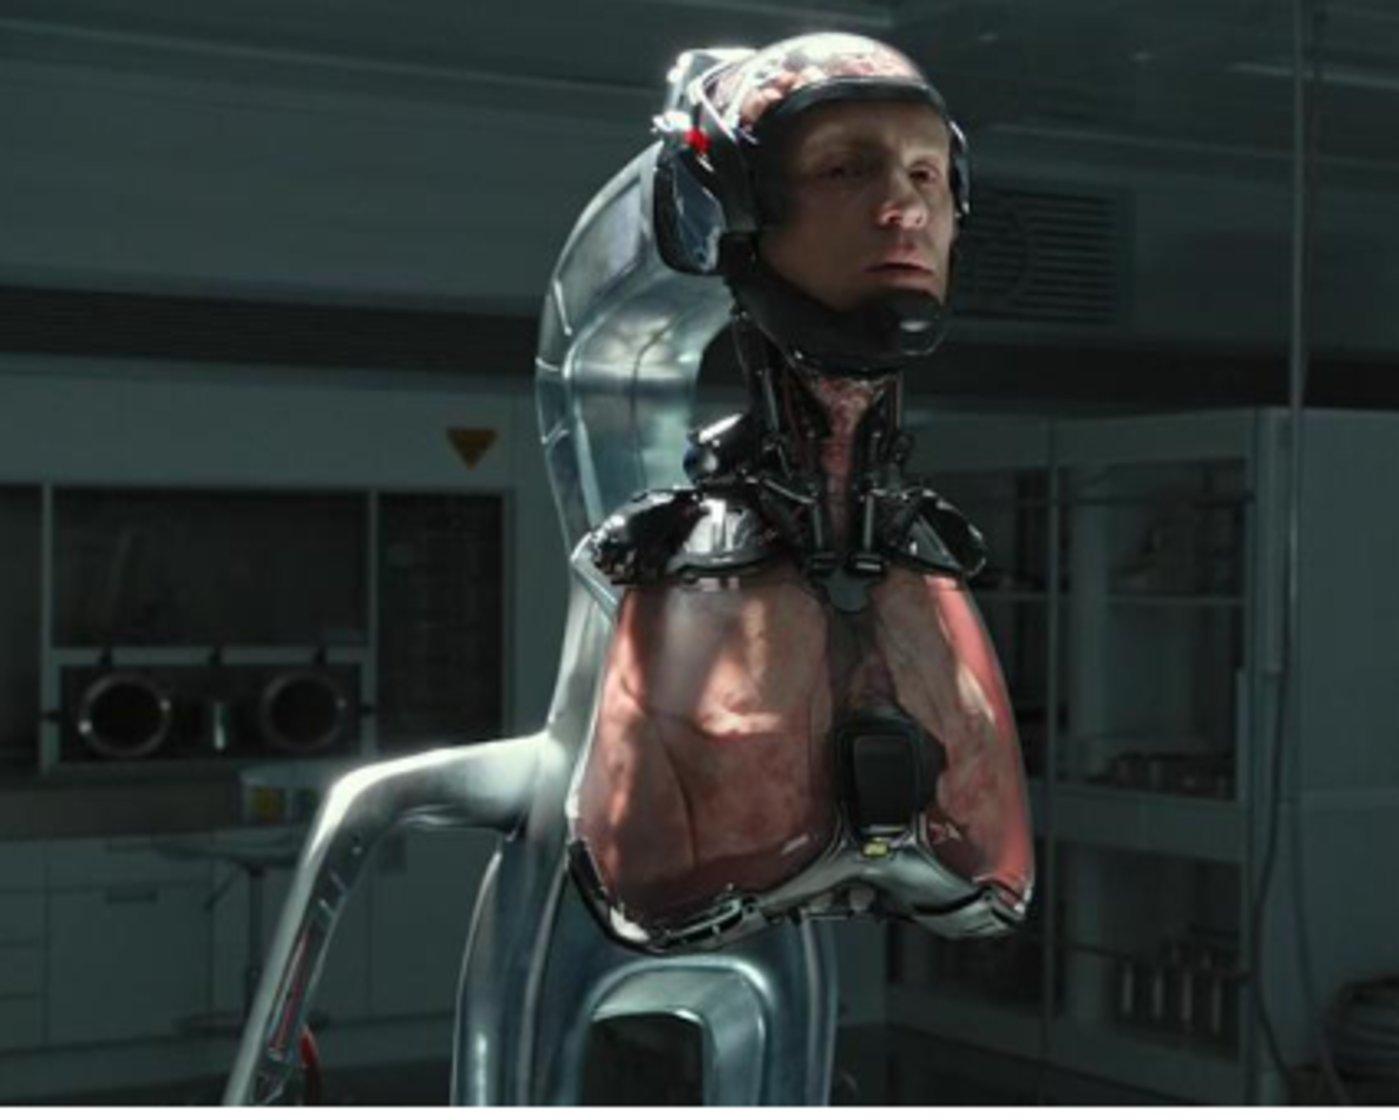 图片来源:电影《机械战警》